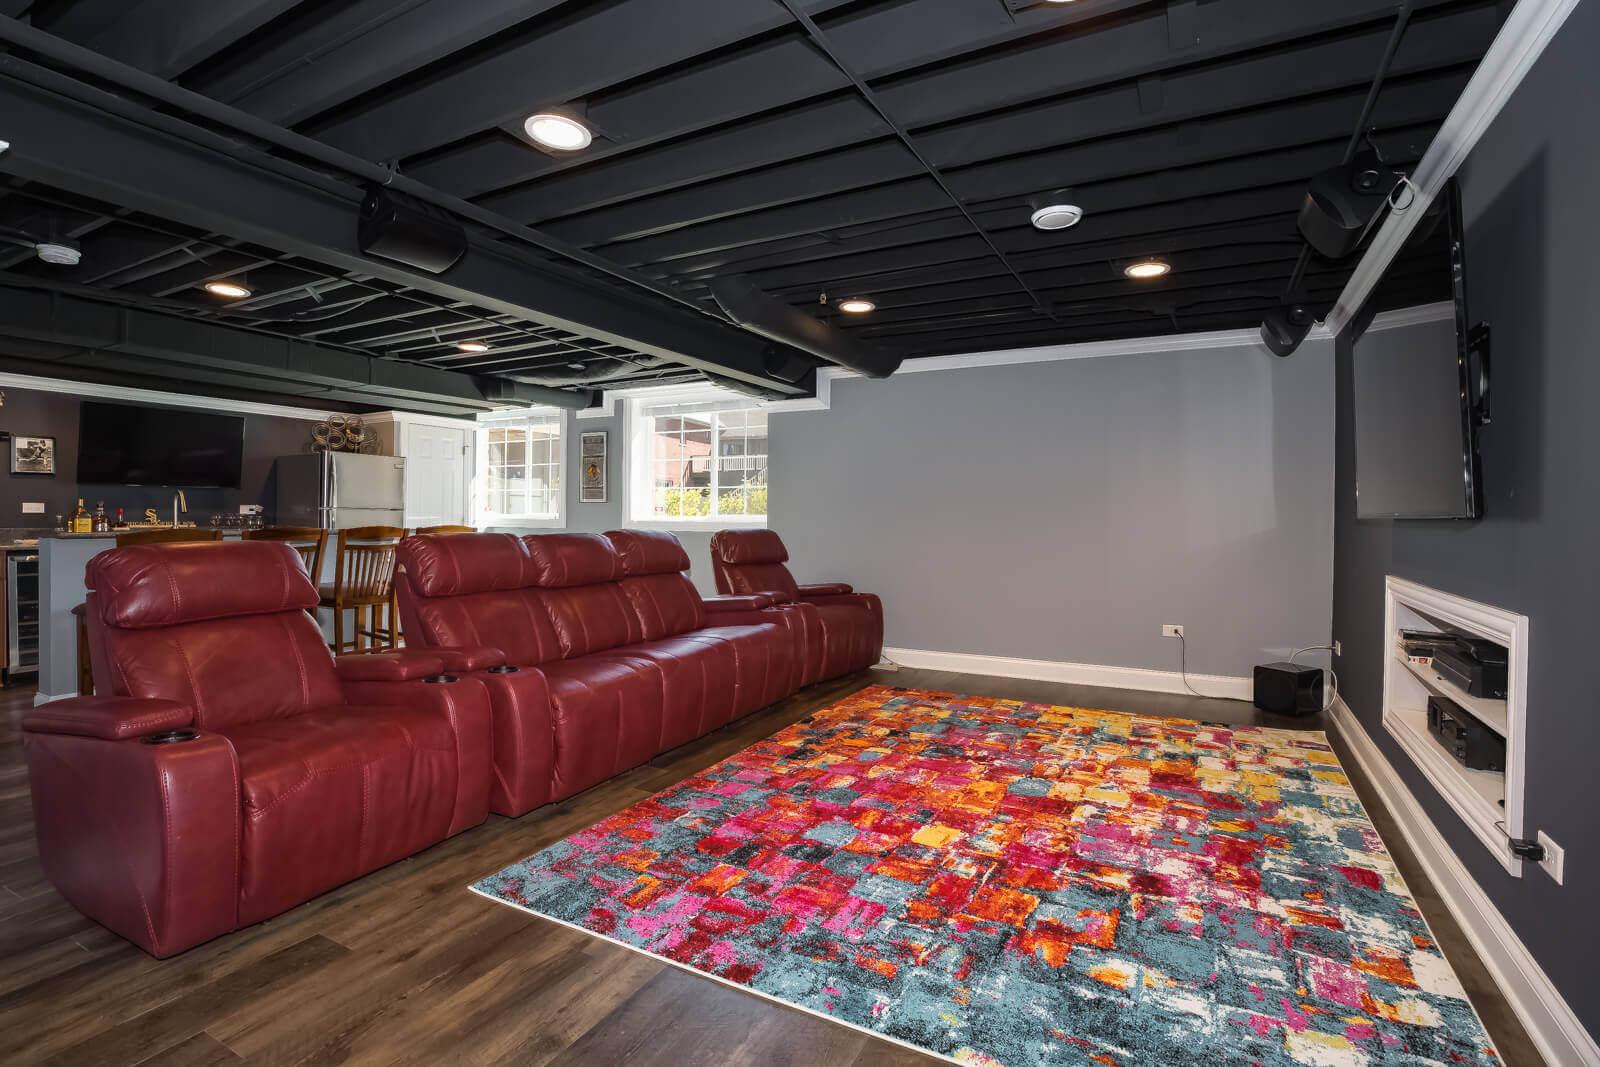 Basement Remodeling Portfolio From Home Builder Remodeler